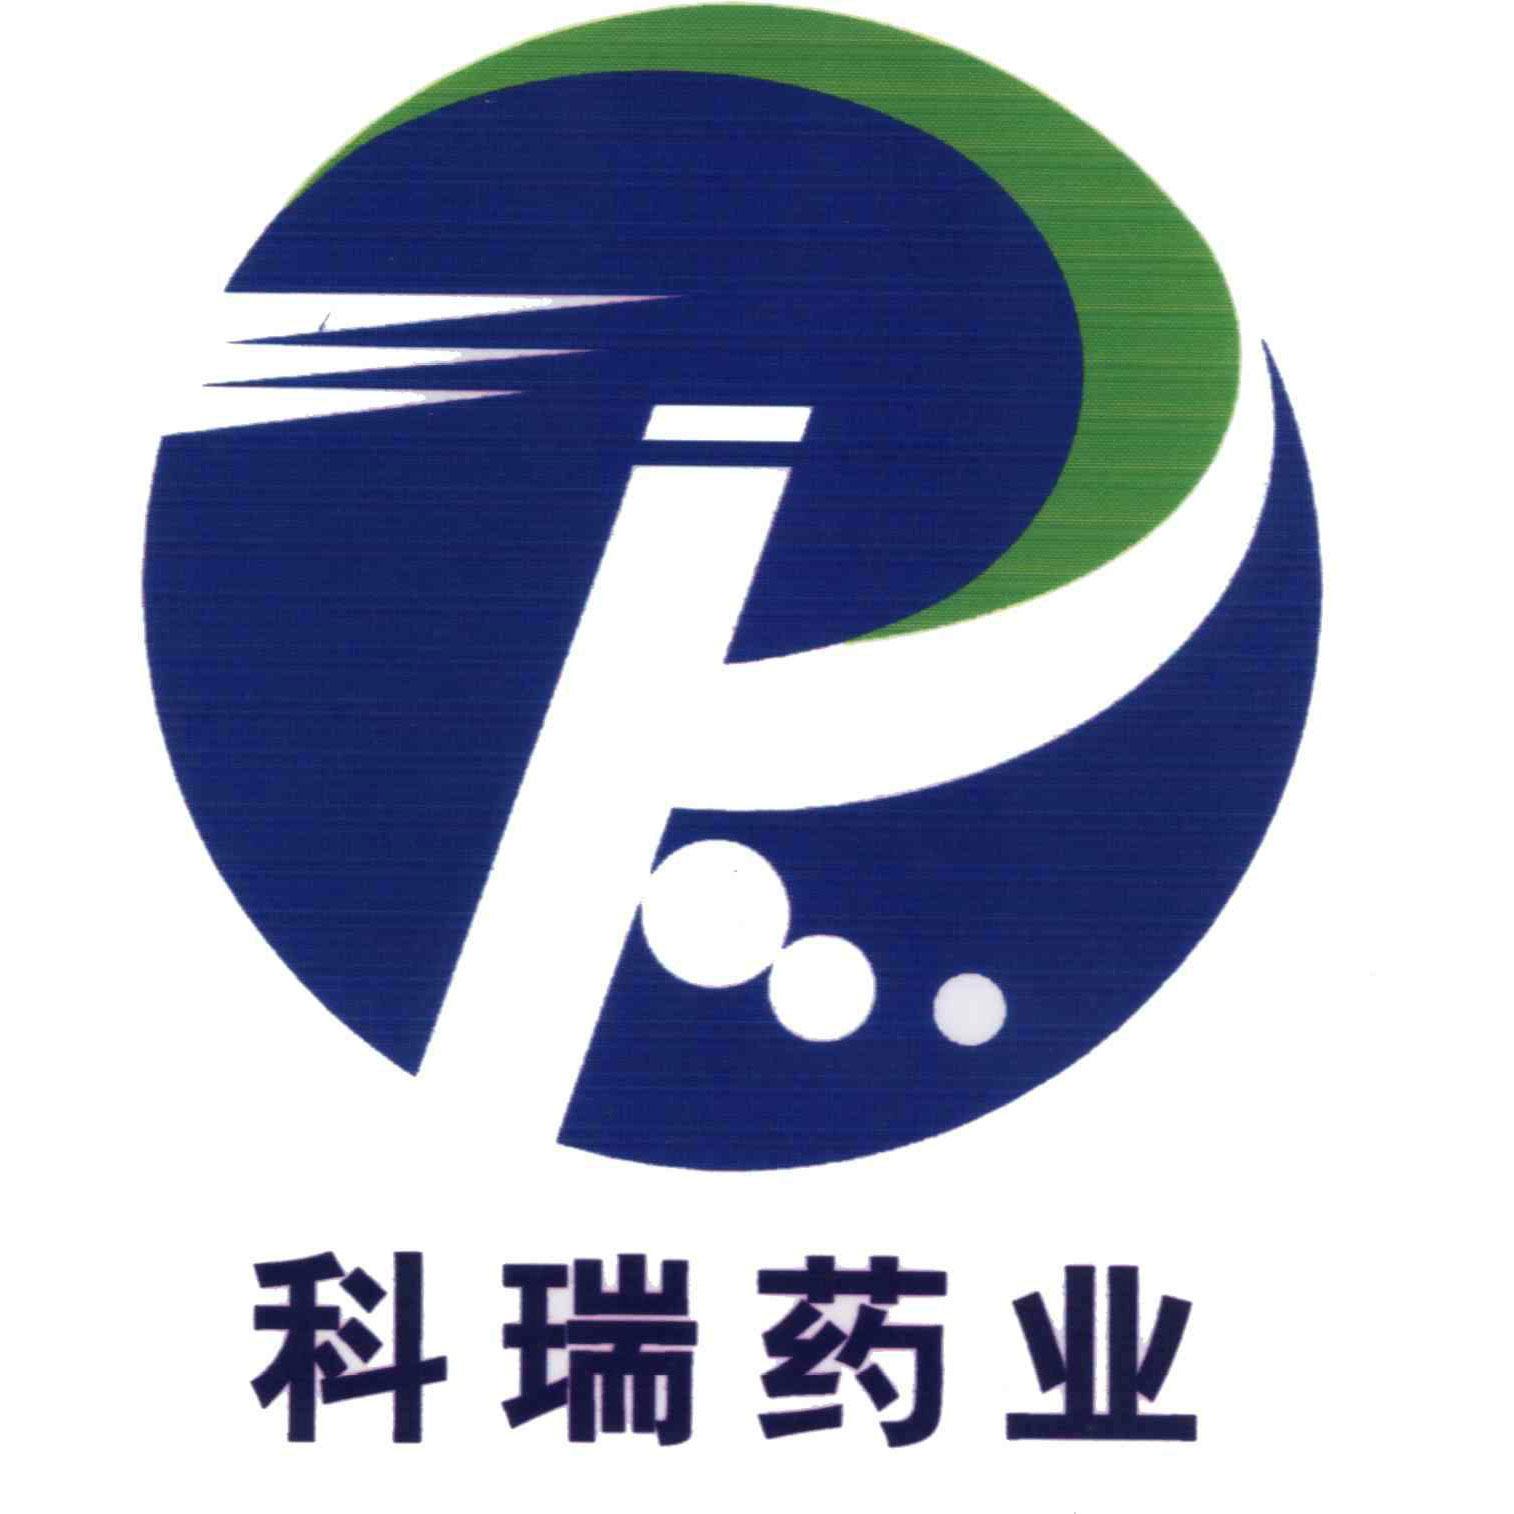 福建科瑞药业有限公司